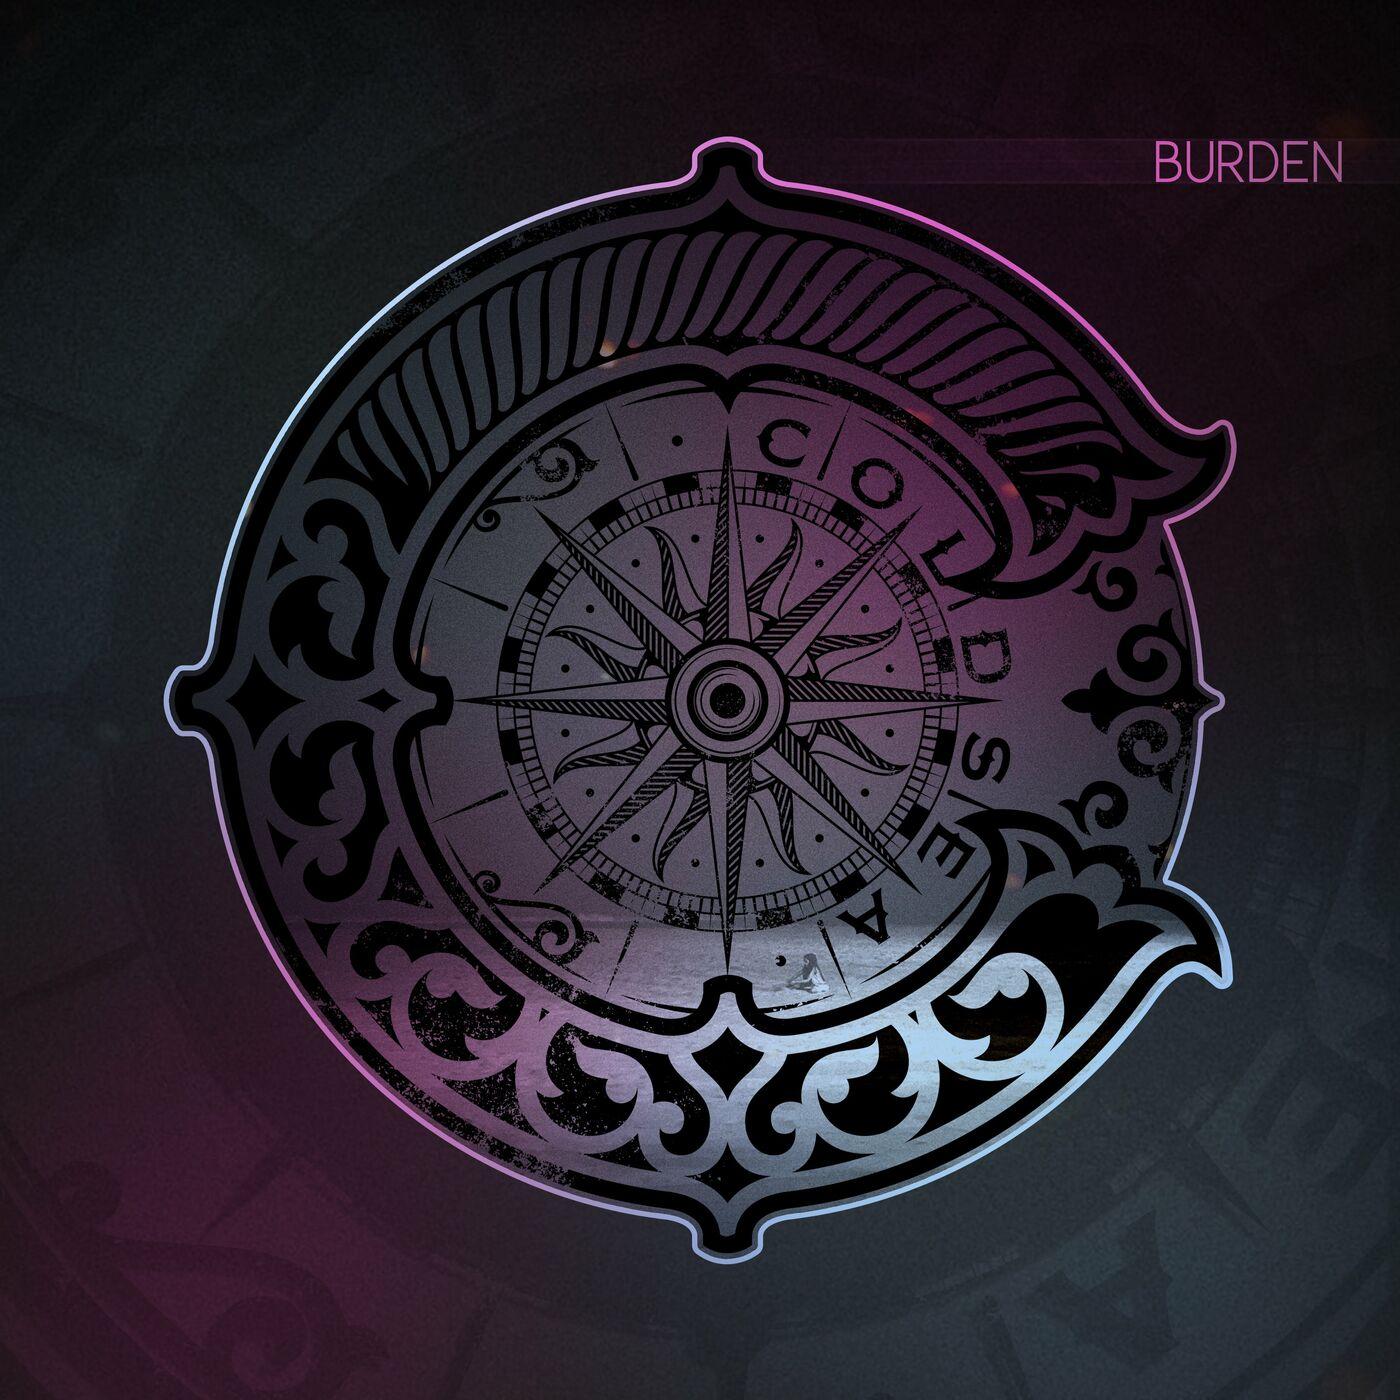 Coldsea - Burden [EP] (2021)